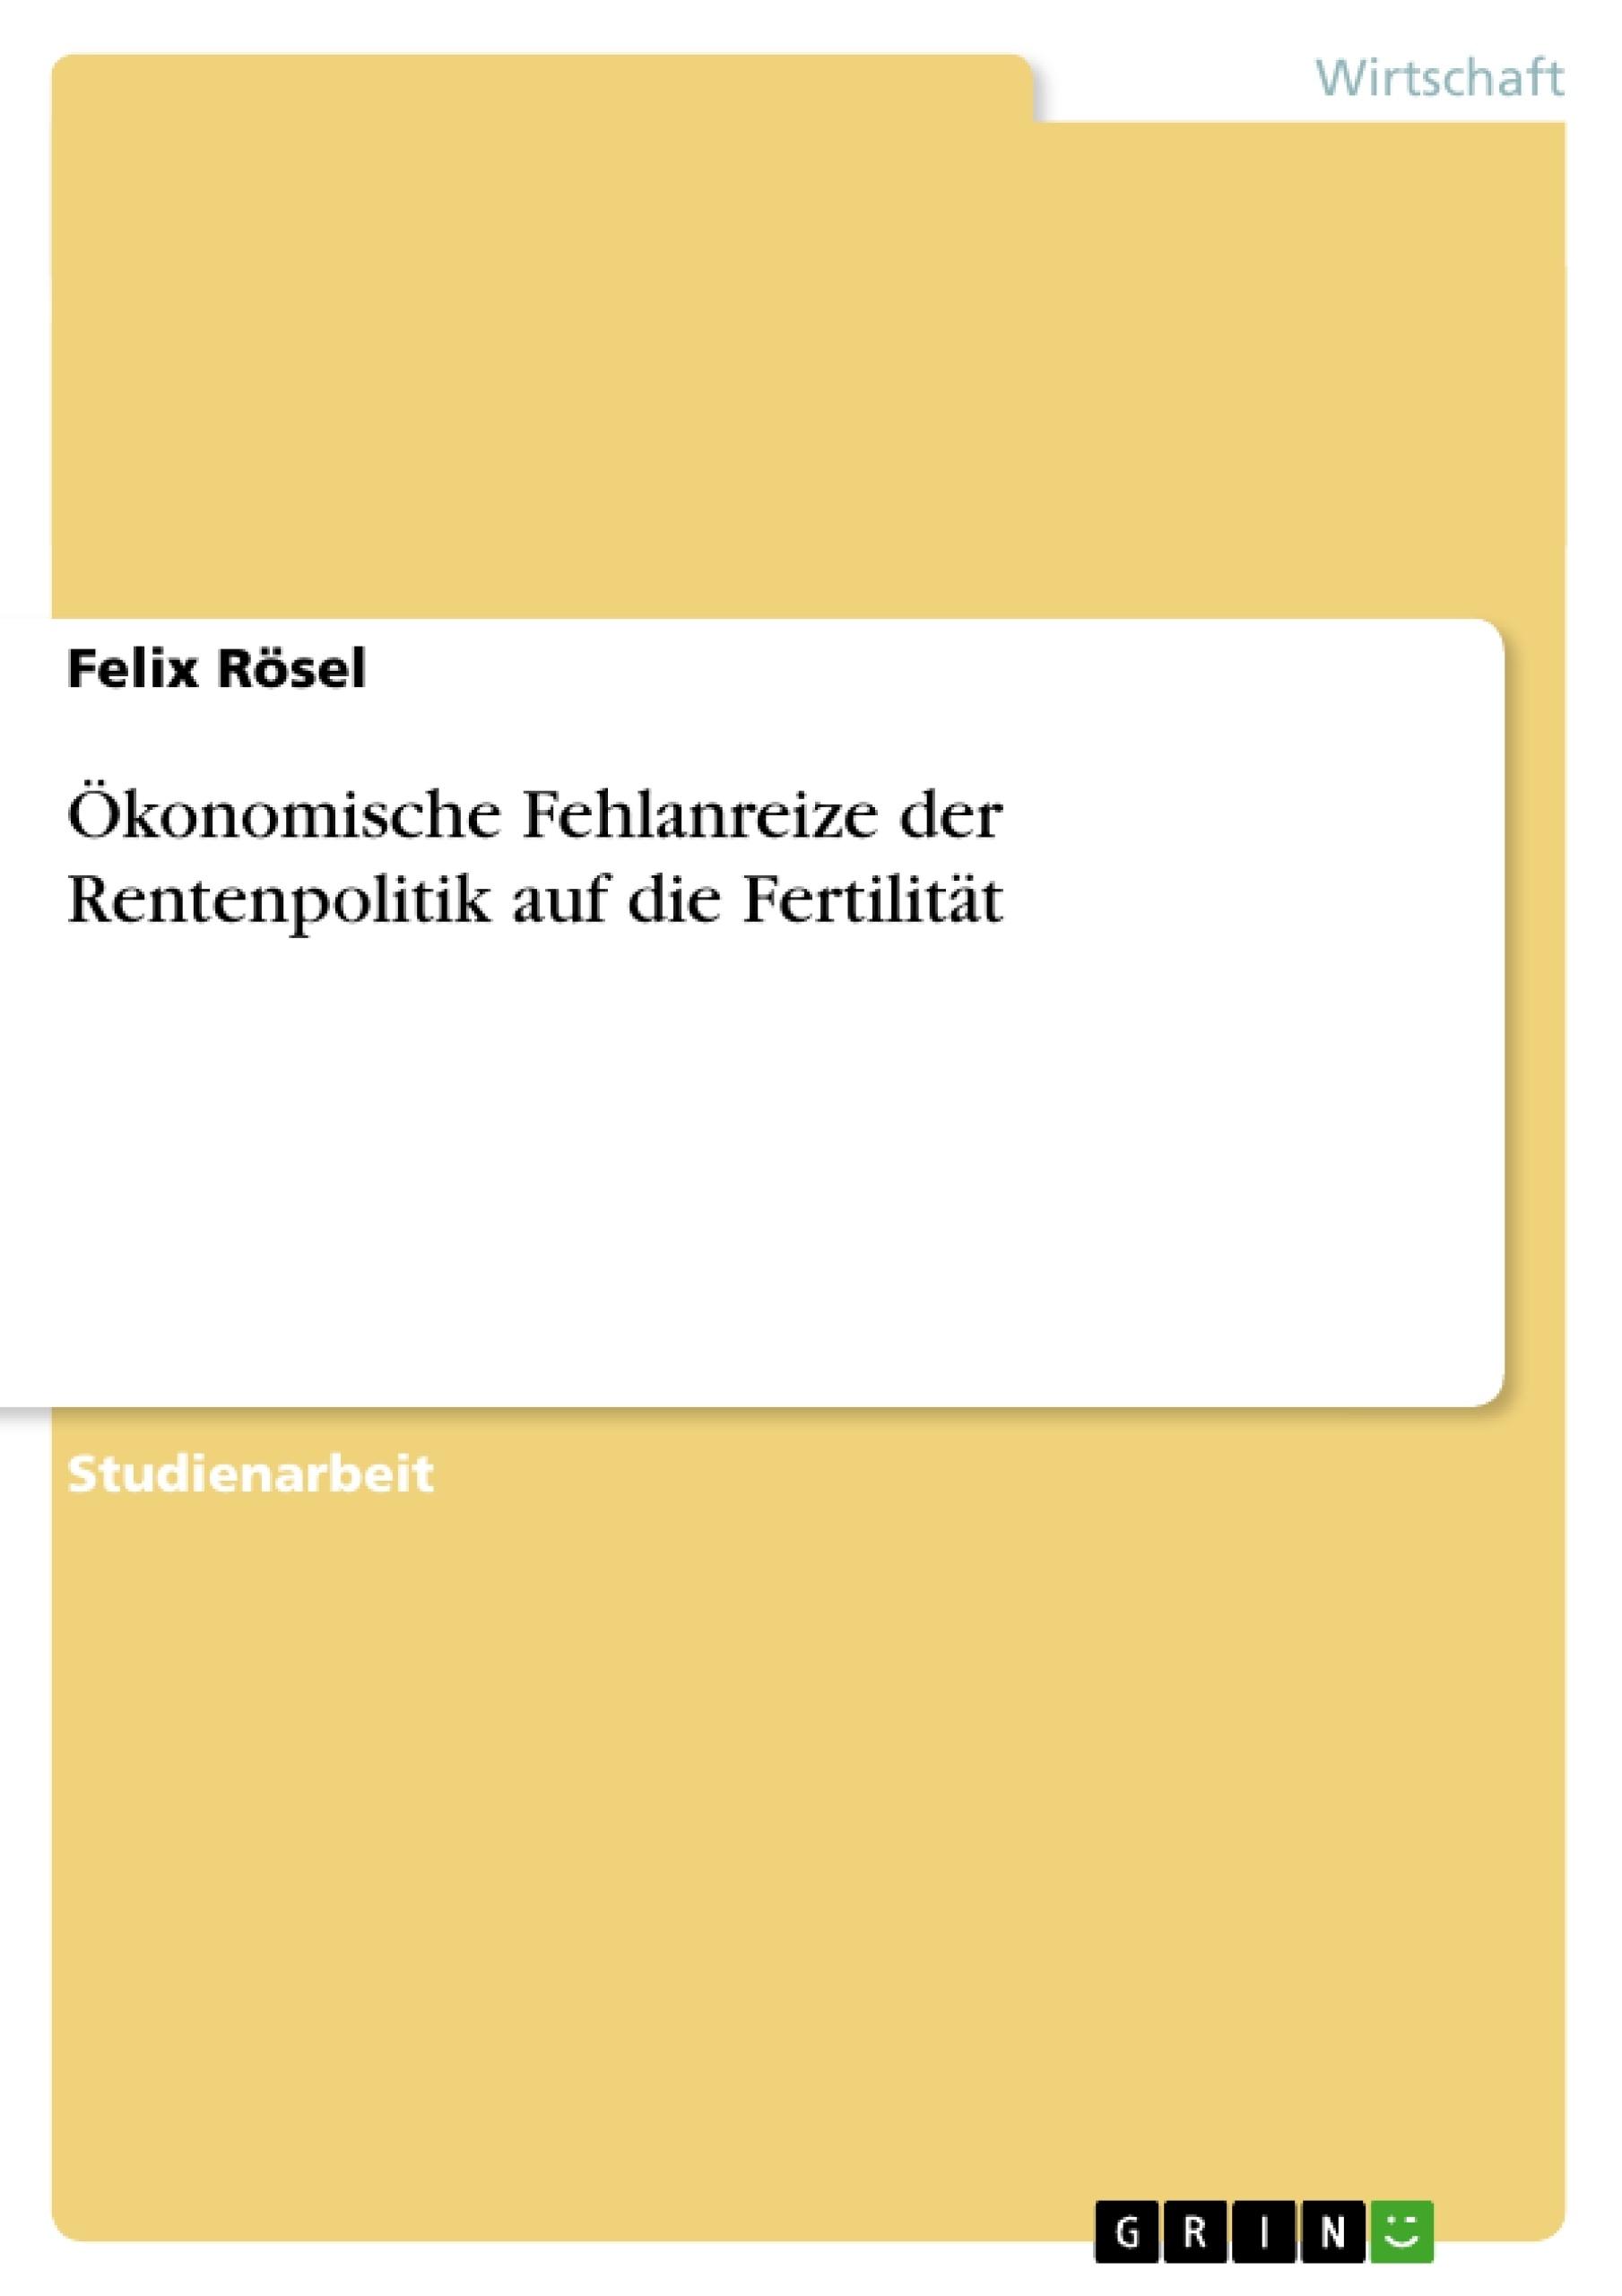 Titel: Ökonomische Fehlanreize der Rentenpolitik auf die Fertilität